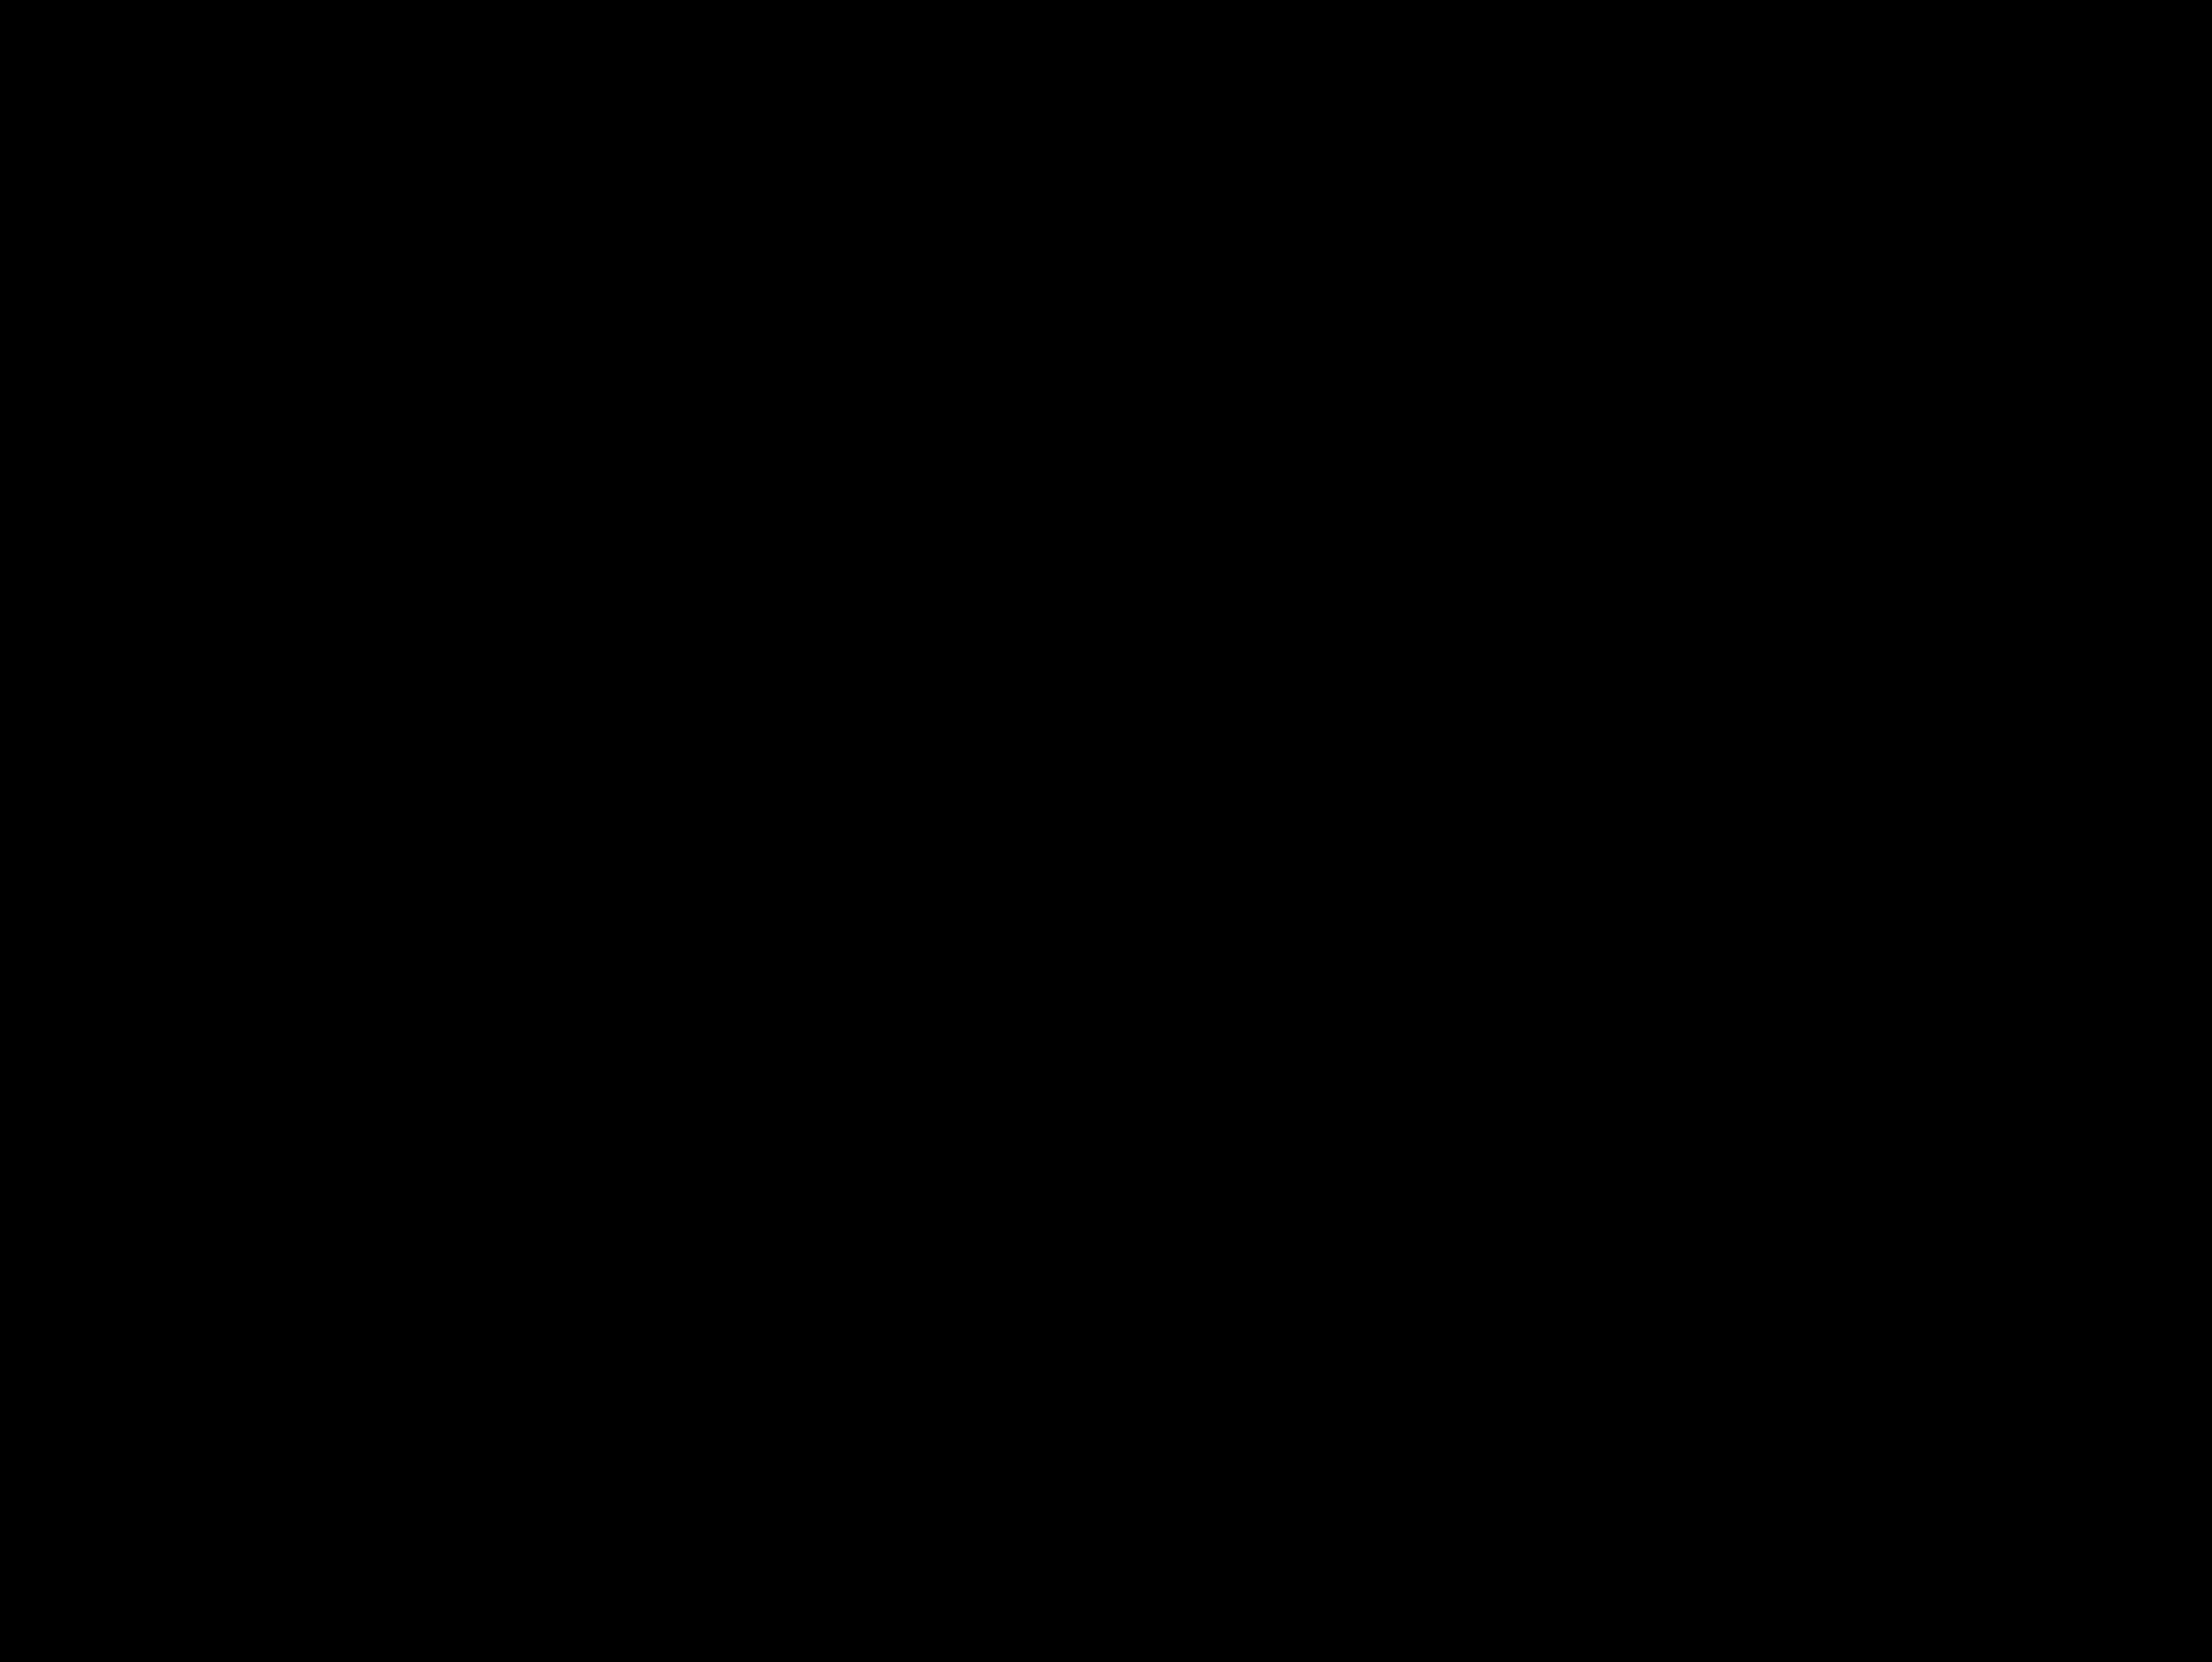 обои Darina L, модель, красотка, голая картинки фото